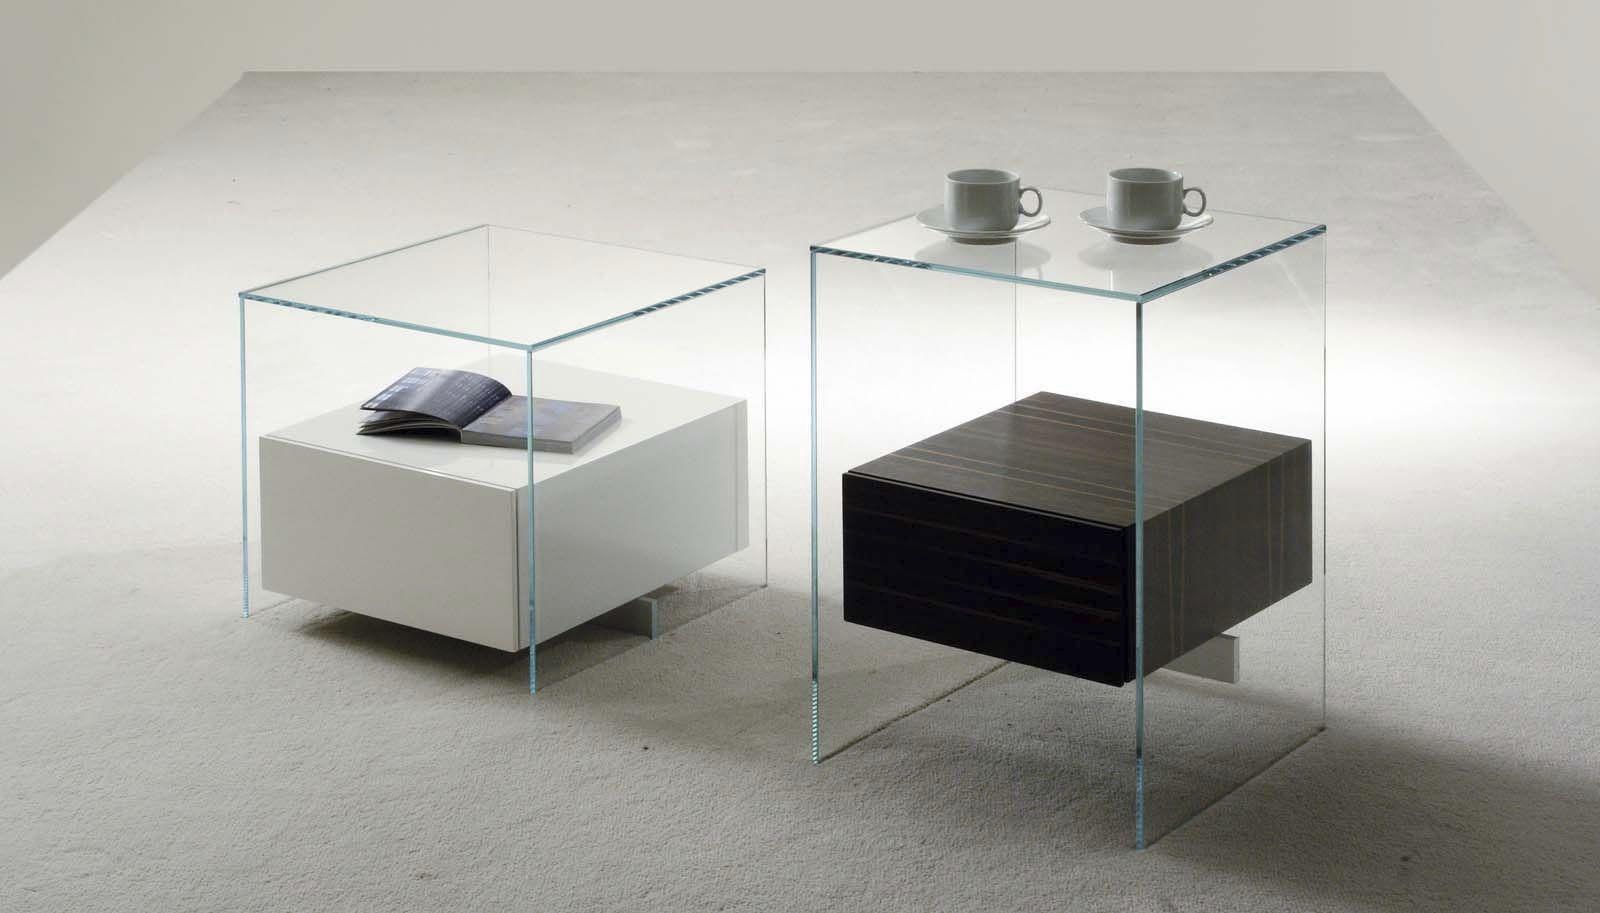 Billig Nachttisch Aus Glas Nachttisch Glas Nachttisch Design